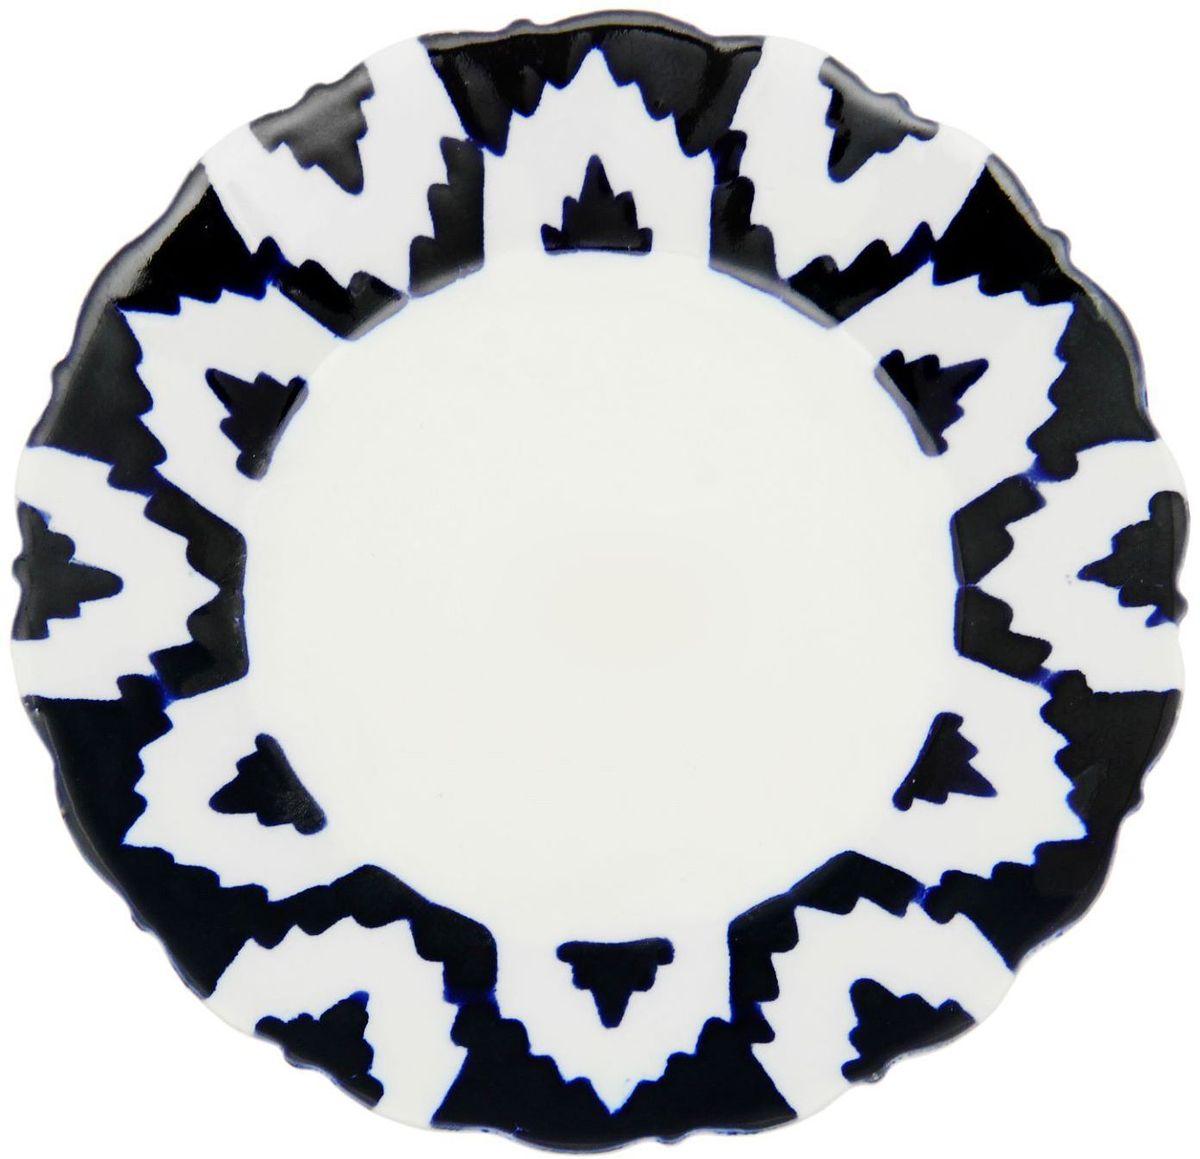 Тарелка Turon Porcelain Атлас, цвет: белый, синий, диаметр 17,5 см10328SLBD35Тарелка Turon Porcelain Атлас, выполненная из качественного фарфора, подойдет для повседневной и праздничной сервировки. Дополните стол текстилем и салфетками в тон, чтобы получить элегантное убранство с яркими акцентами.Национальная узбекская роспись Атлас имеет симметричный геометрический рисунок. Узоры, похожие на листья, выводятся тонкой кистью, фон заливается темно-синим кобальтом. Синий краситель при обжиге слегка растекается и придает контуру изображений голубой оттенок. Густая глазурь наносится толстым слоем, благодаря чему рисунок мерцает.Узбекская посуда известна всему миру уже более тысячи лет. Ей любовались царские особы, на ней подавали еду для шейхов и знатных персон. Формулы красок и глазури передаются из поколения в поколение. По сей день качественные расписные изделия продолжают восхищать совершенством и завораживающей красотой.